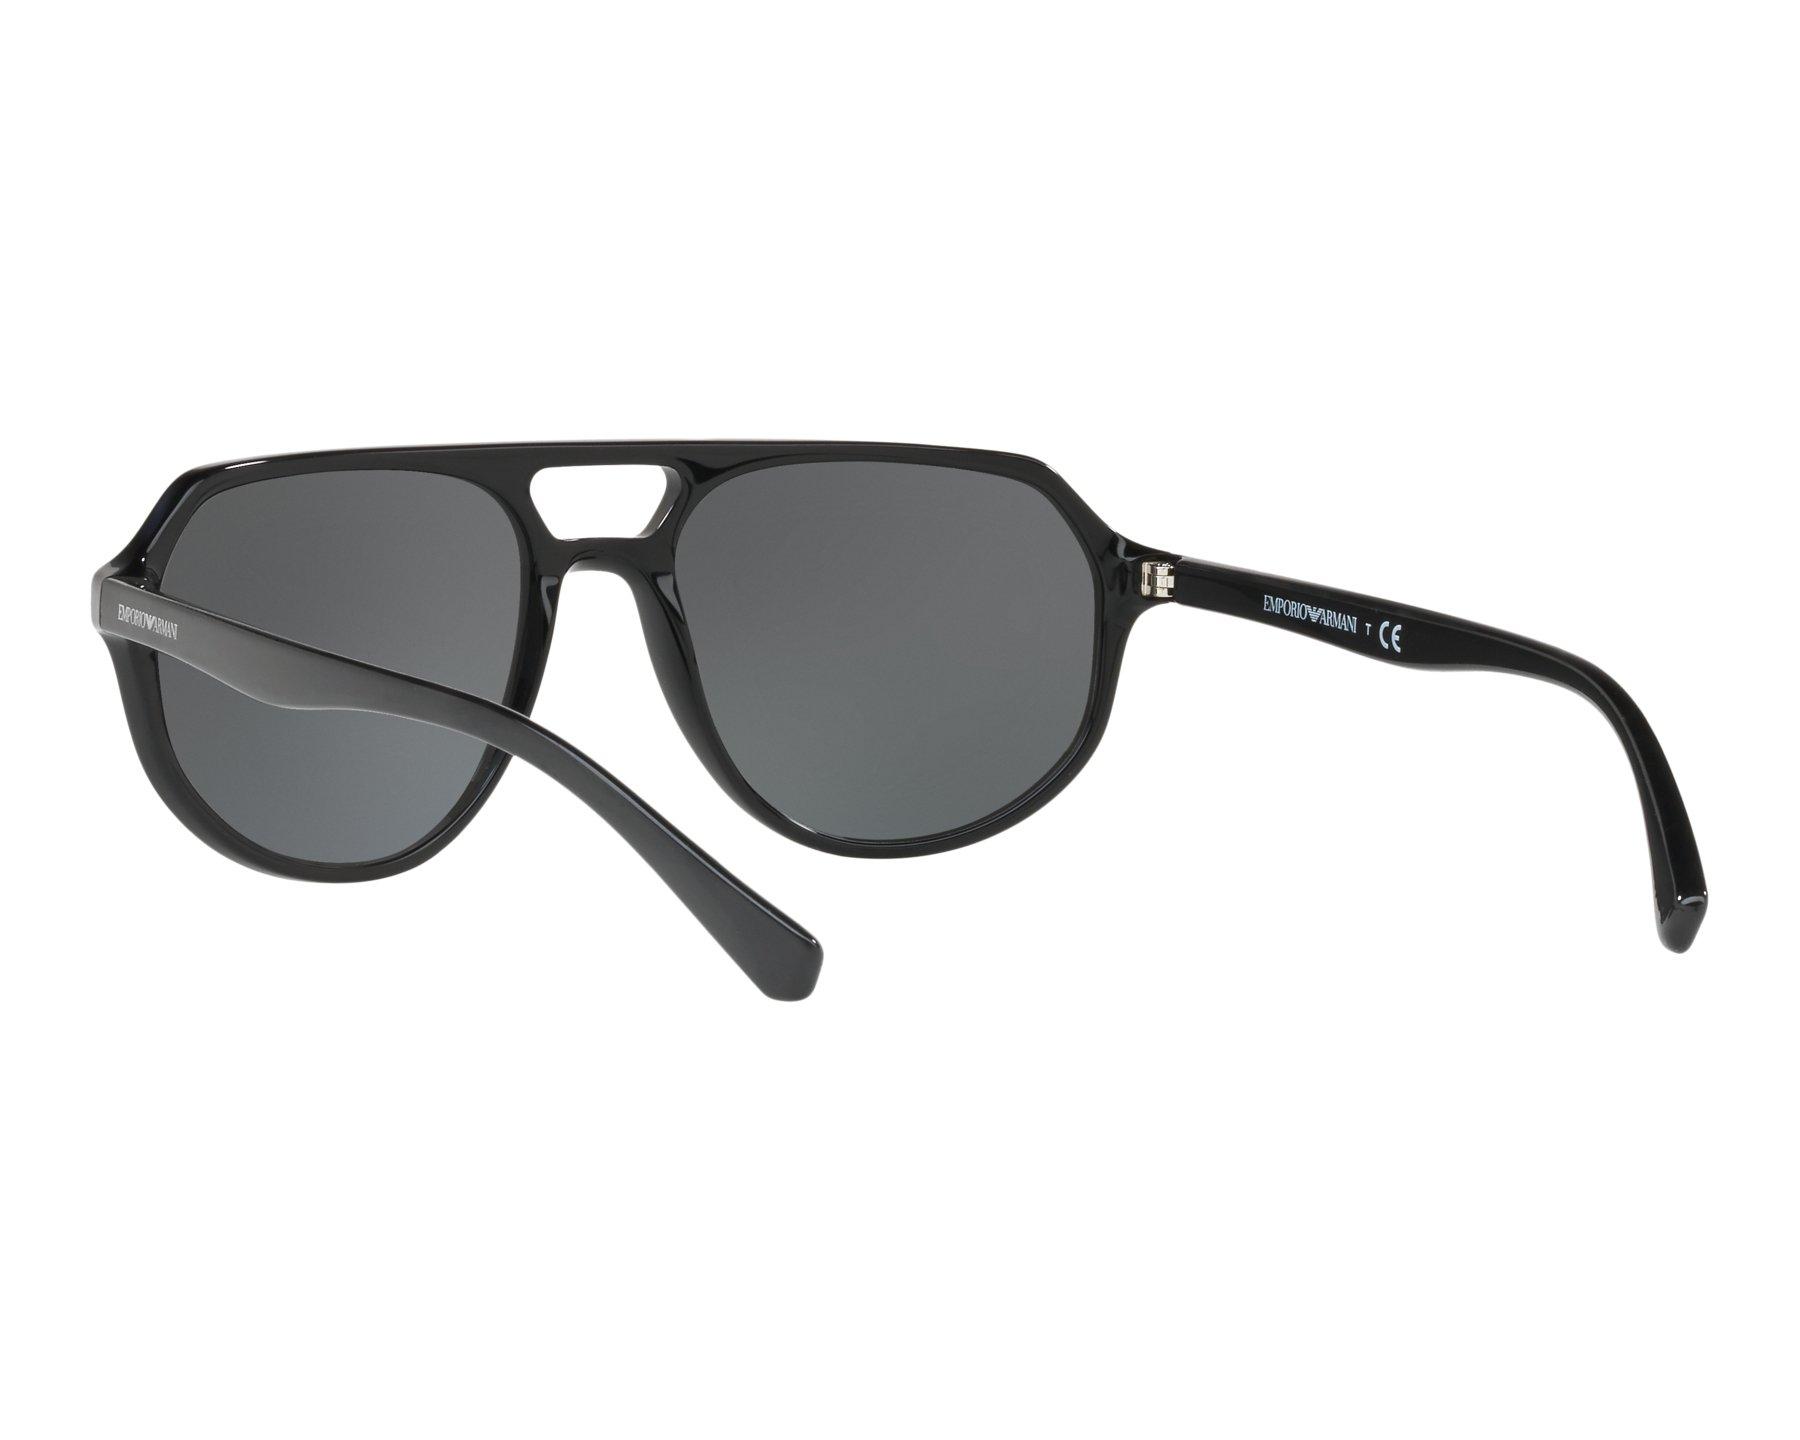 404b96c63f4 Sunglasses Emporio Armani EA-4111 500187 57-18 Black 360 degree view 6